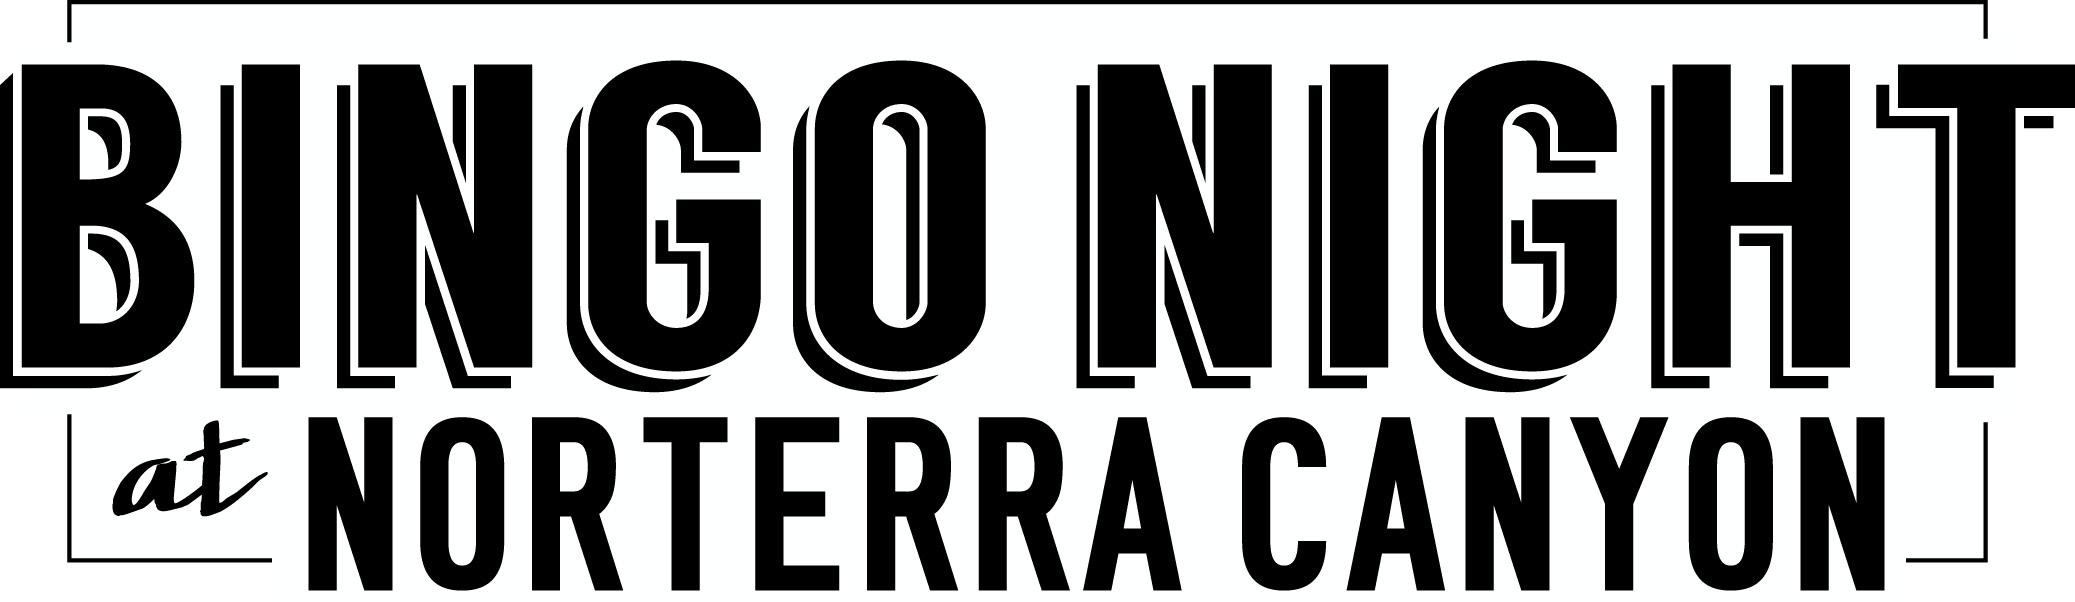 bingo night logo.jpg